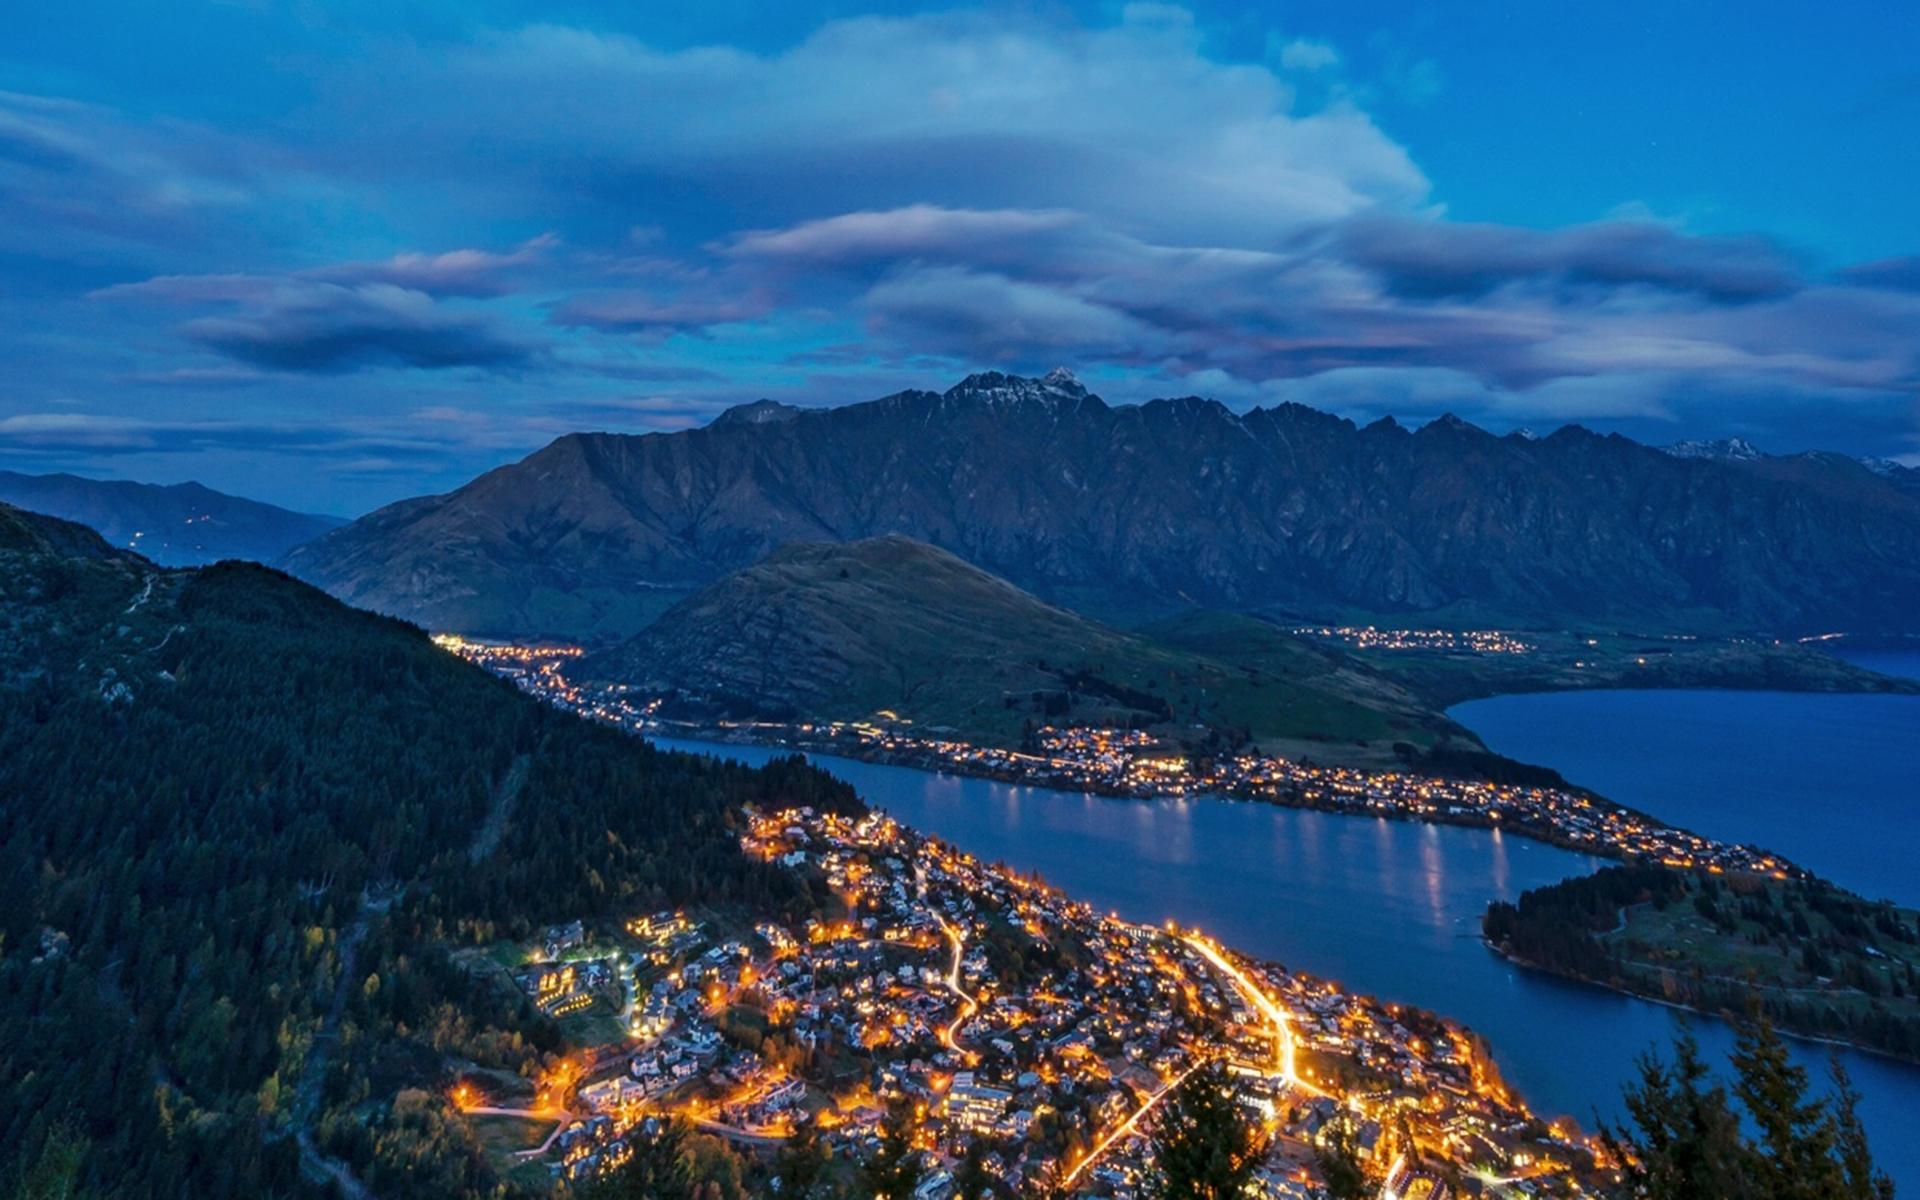 新西兰高清图片_新西兰皇后镇风景图片高清电脑桌面壁纸_桌面壁纸_mm4000图片大全